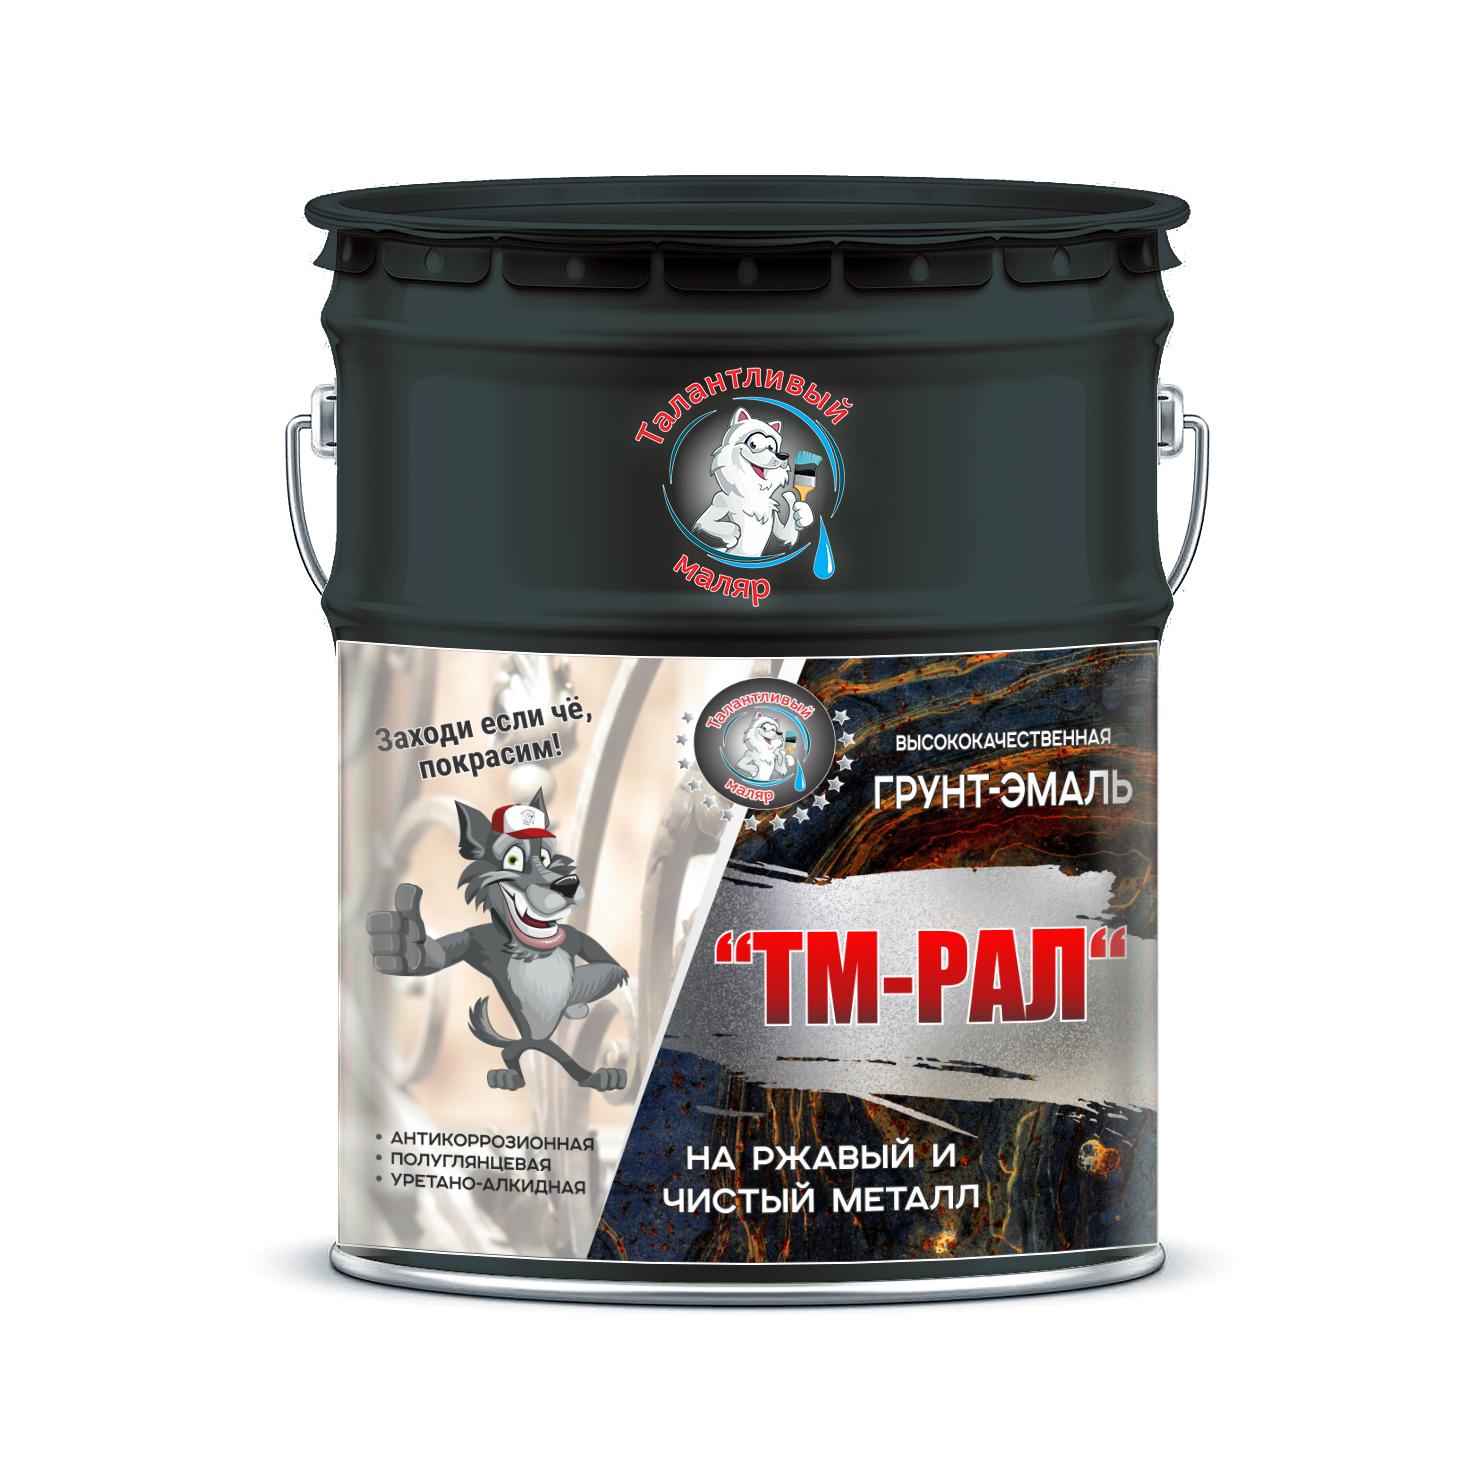 """Фото 20 - TM7026 Грунт-Эмаль """"ТМ РАЛ"""" уретано-алкидная 3 в 1 цвет RAL 7026 Серый гранит, антикоррозионная,  полуглянцевая для черных металлов, 20 кг """"Талантливый маляр""""."""